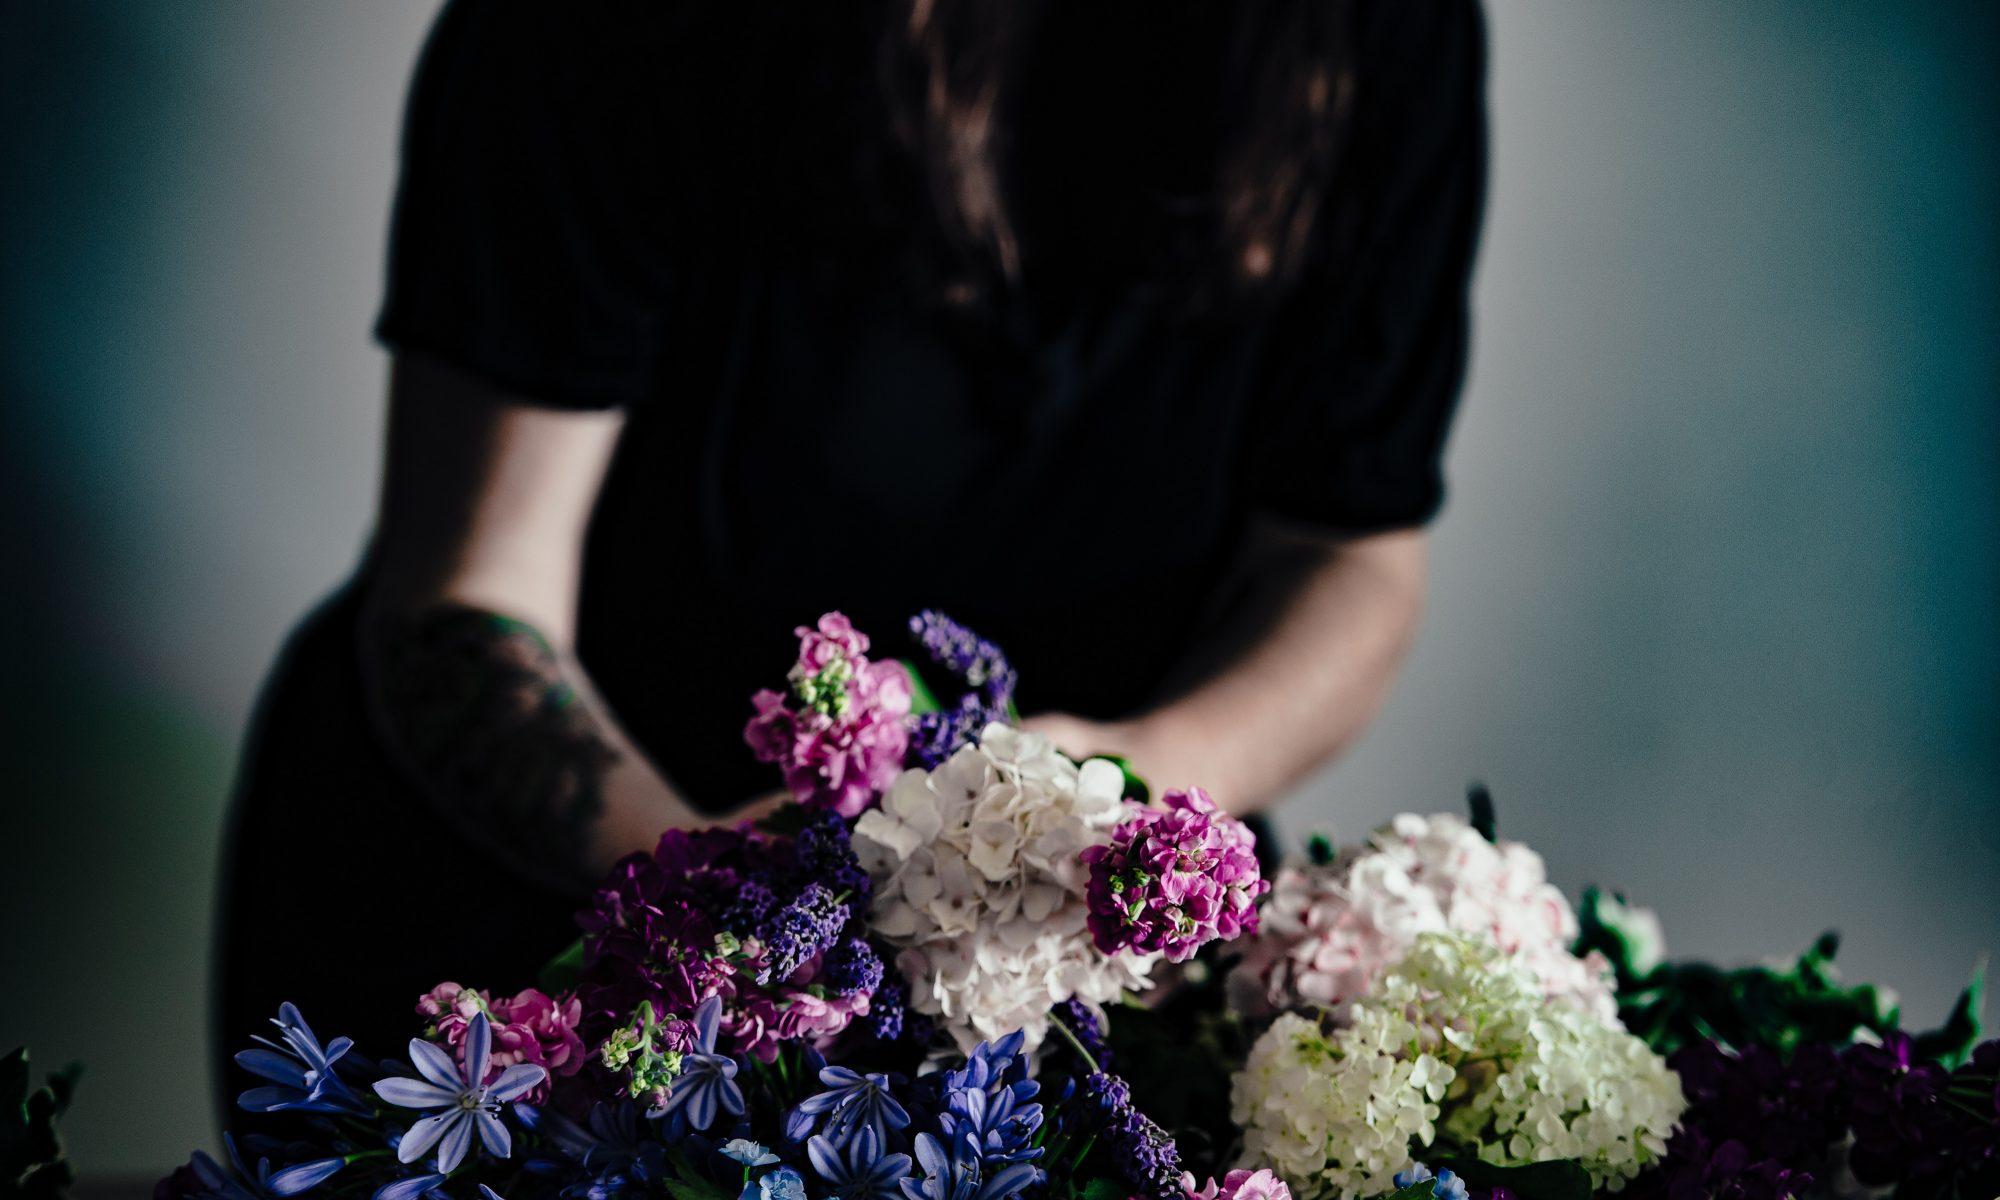 Hos din begravelsesforretning Randers får du kyndig hjælp i forbindelse med dødsfald